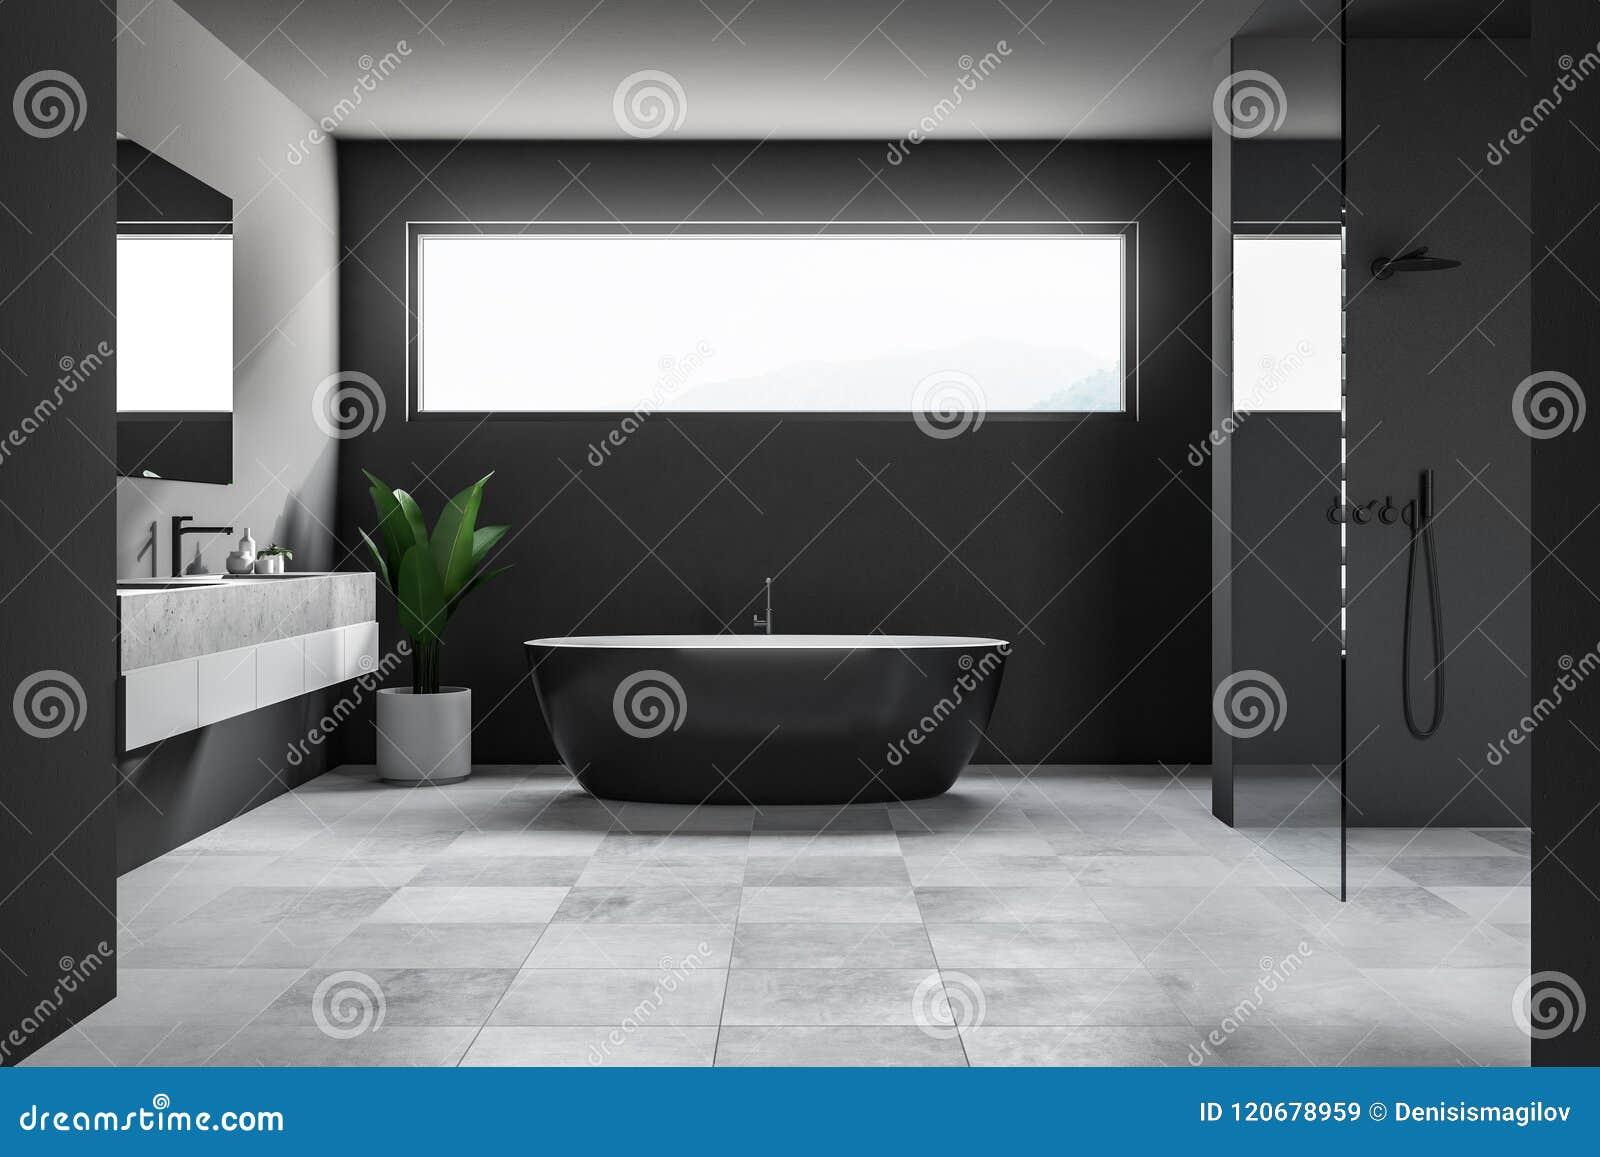 Fenetre Salle De Bain salle de bains foncée intérieure, fenêtre étroite